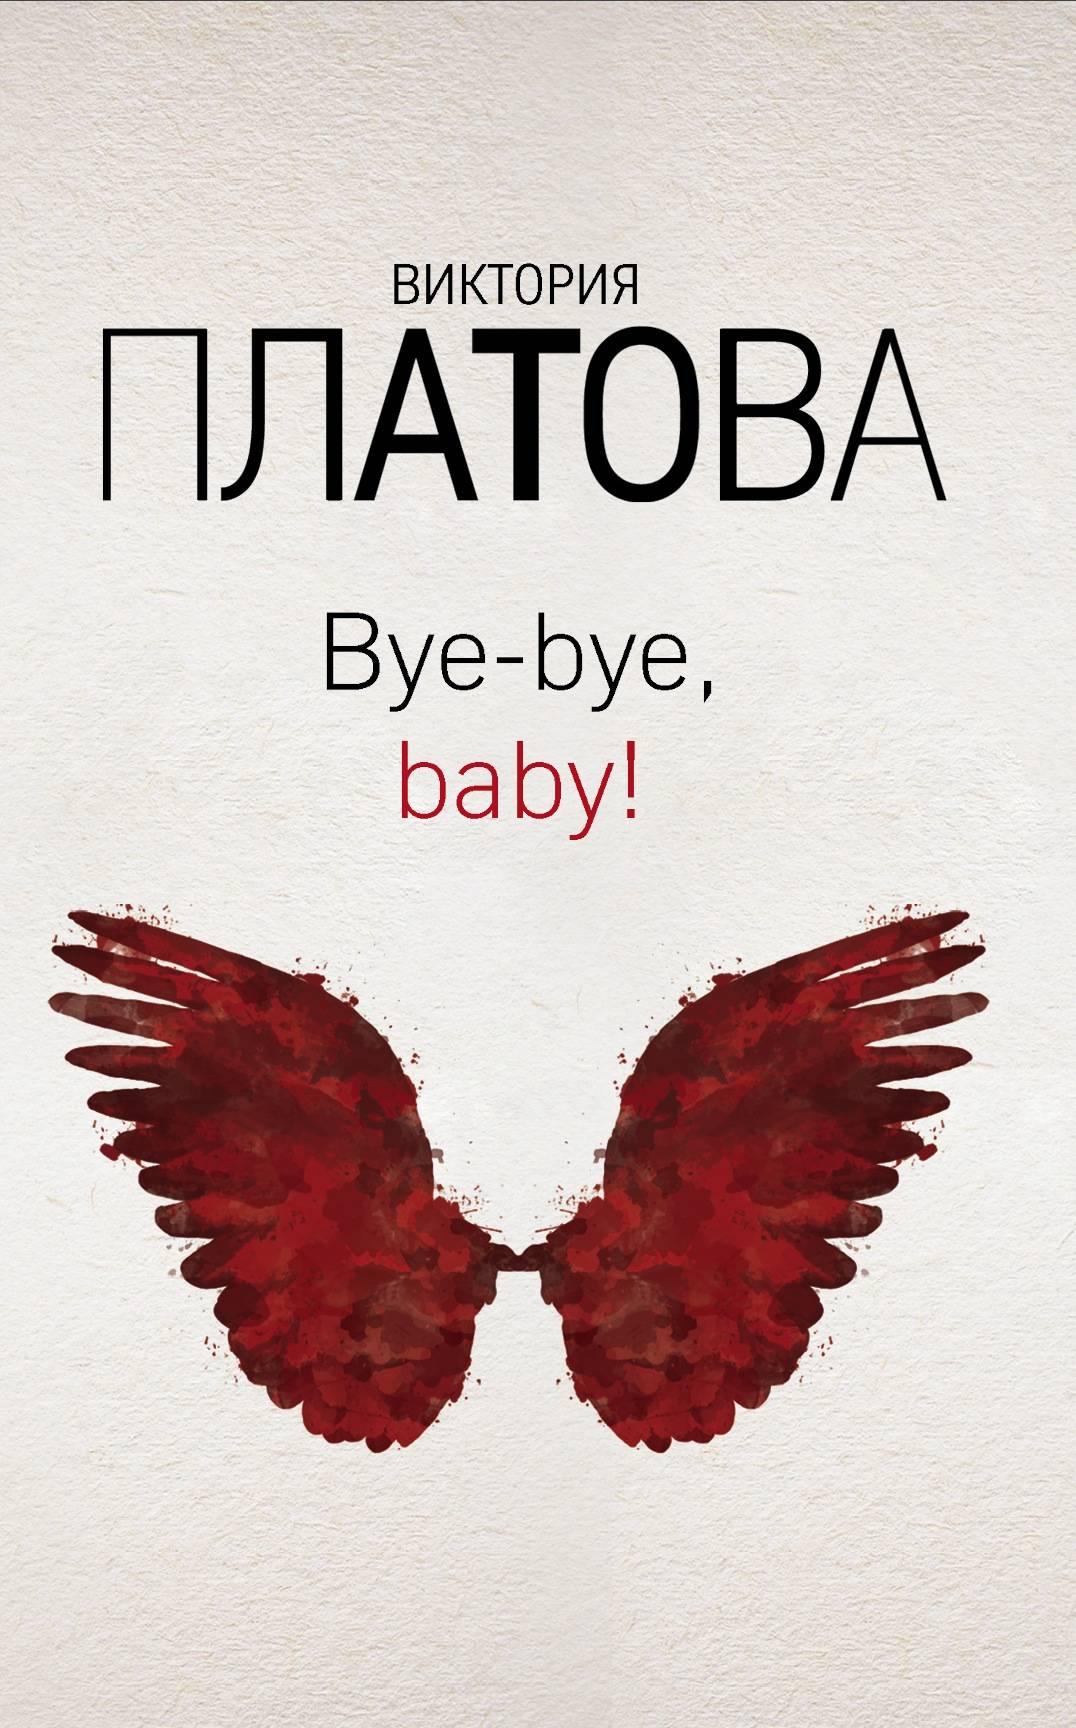 Bye-bye, baby!